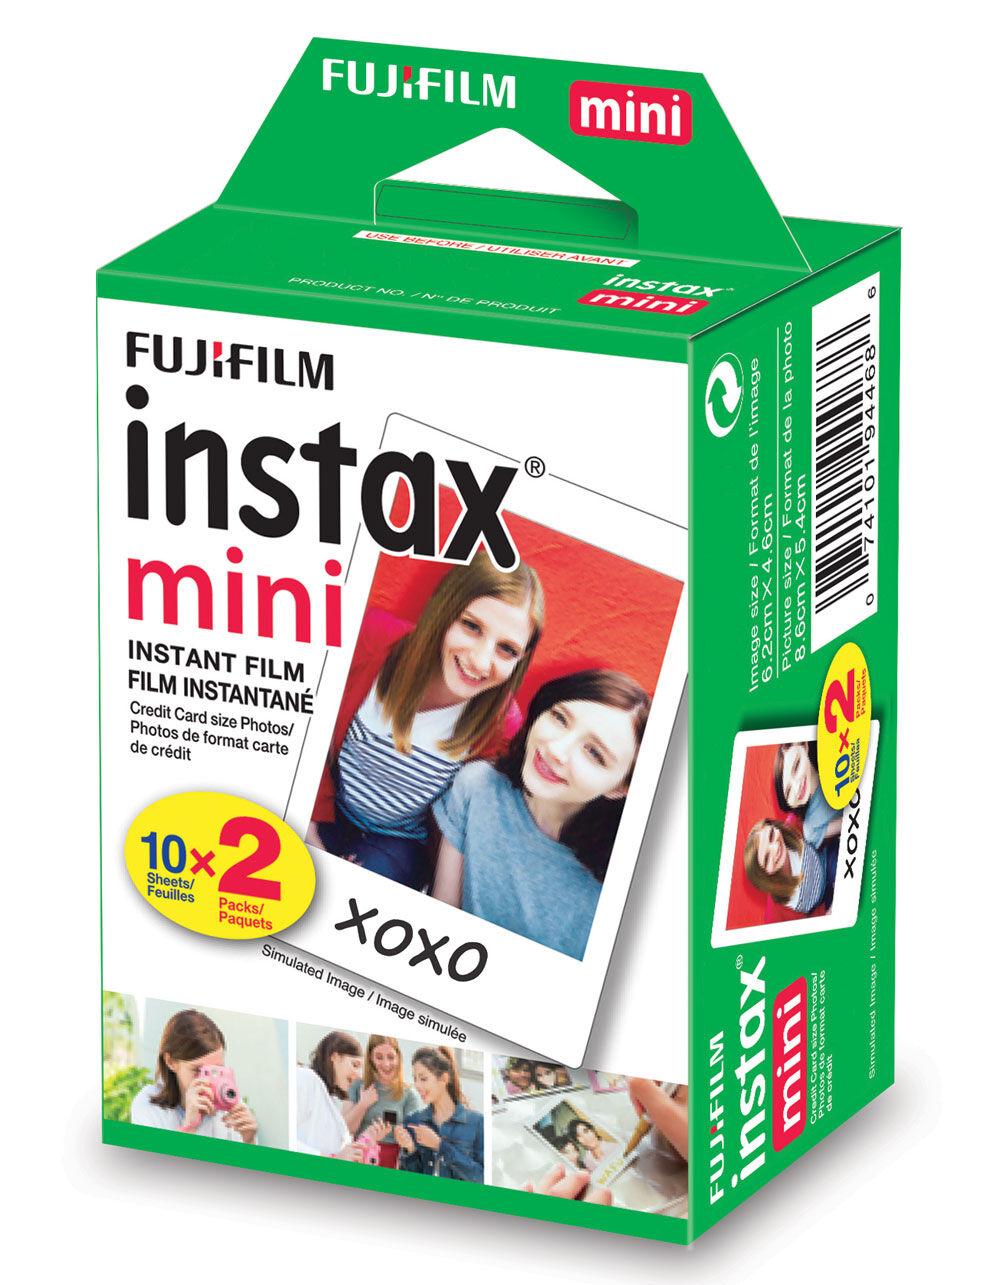 FUJIFILM 20 Pack Instax Mini Film